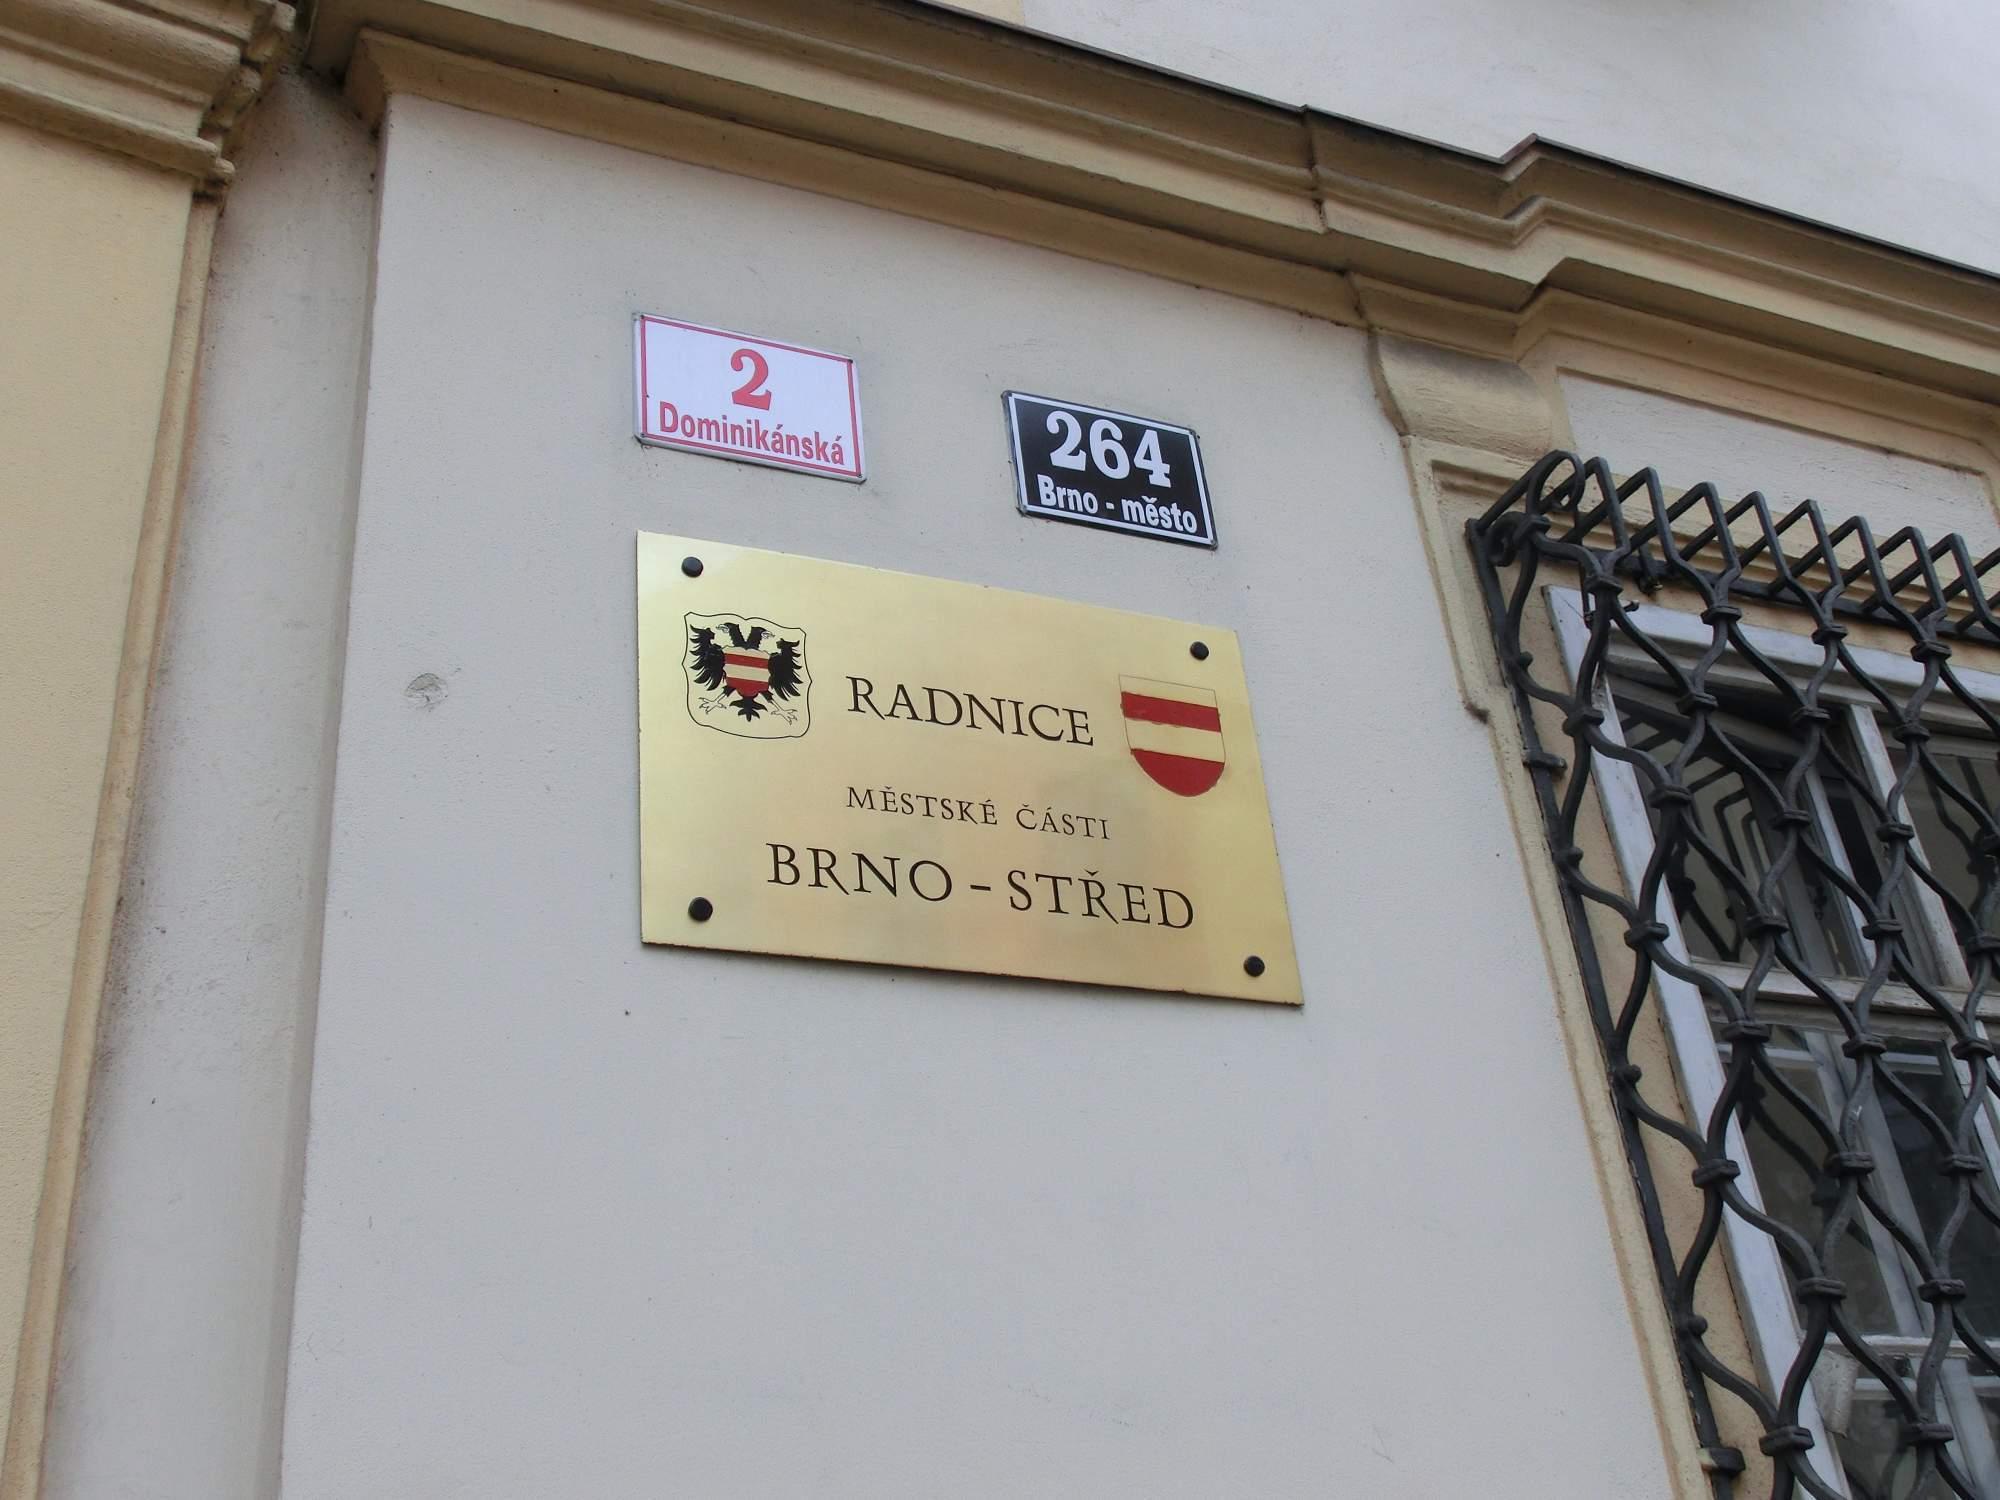 Úřad městské části Brno-střed. Foto: Sára Zedková